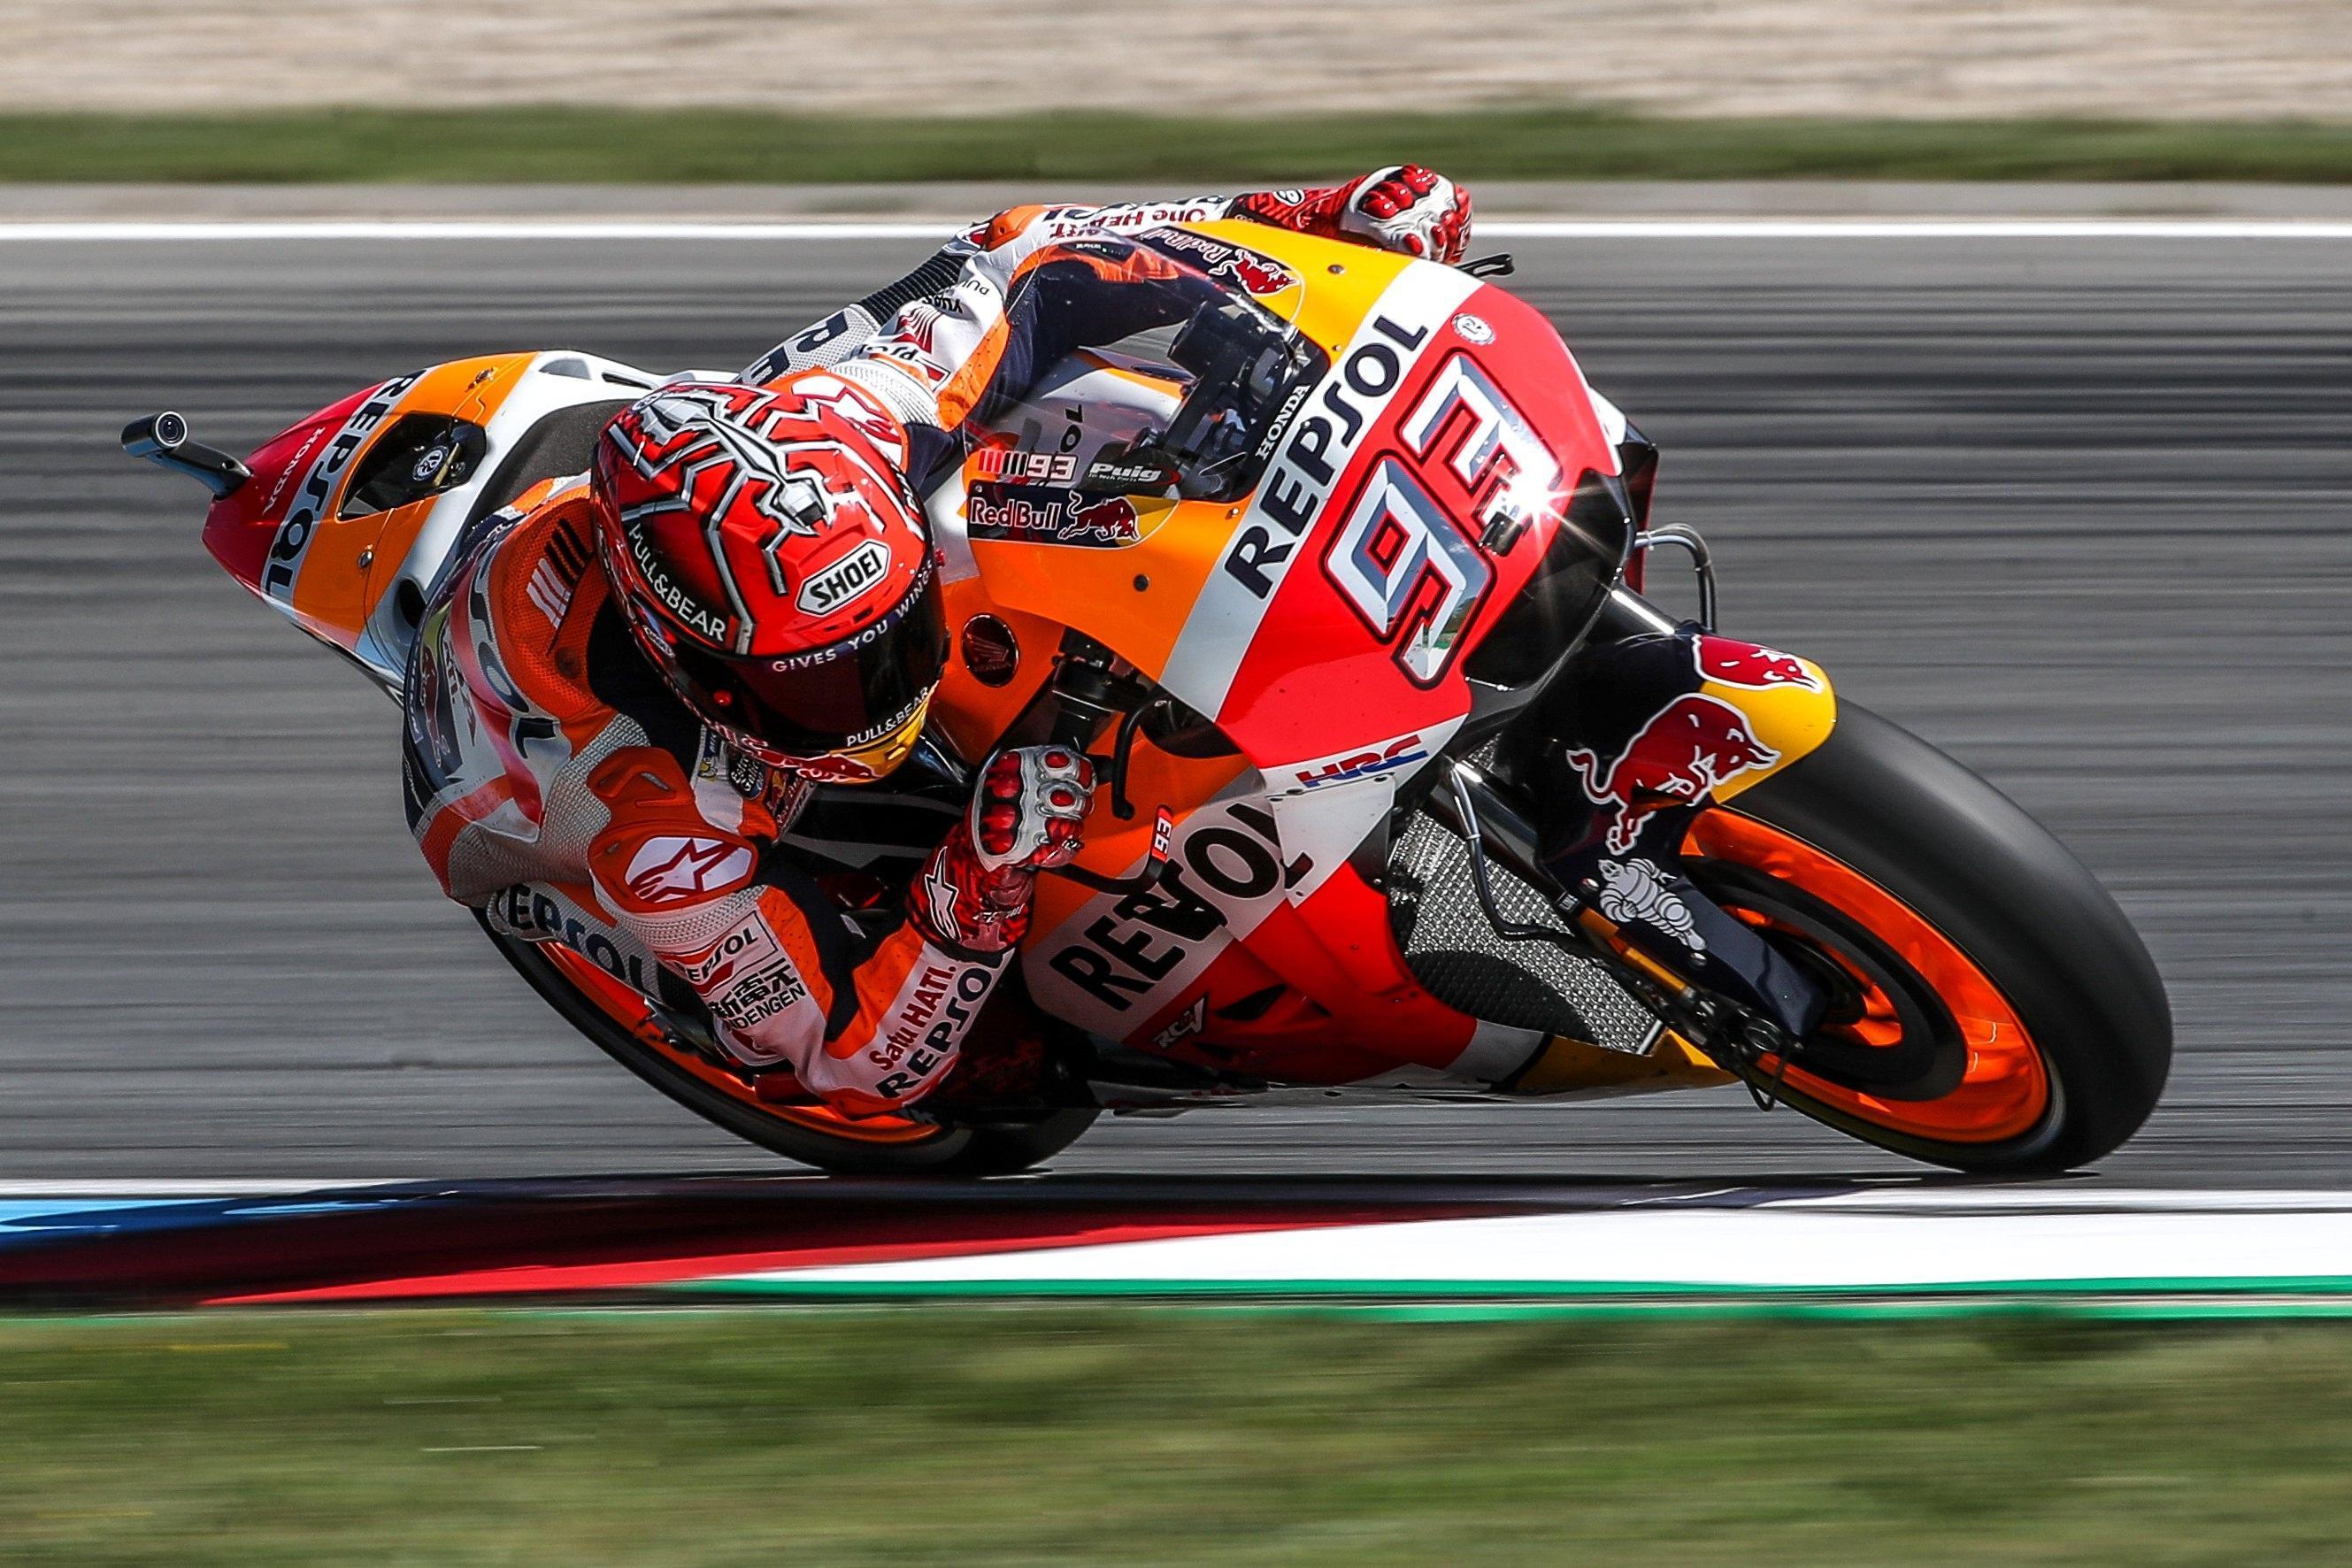 """MotoGp Giappone, Marquez campione del mondo: """"Nel giro d'onore m'è uscita una spalla"""""""